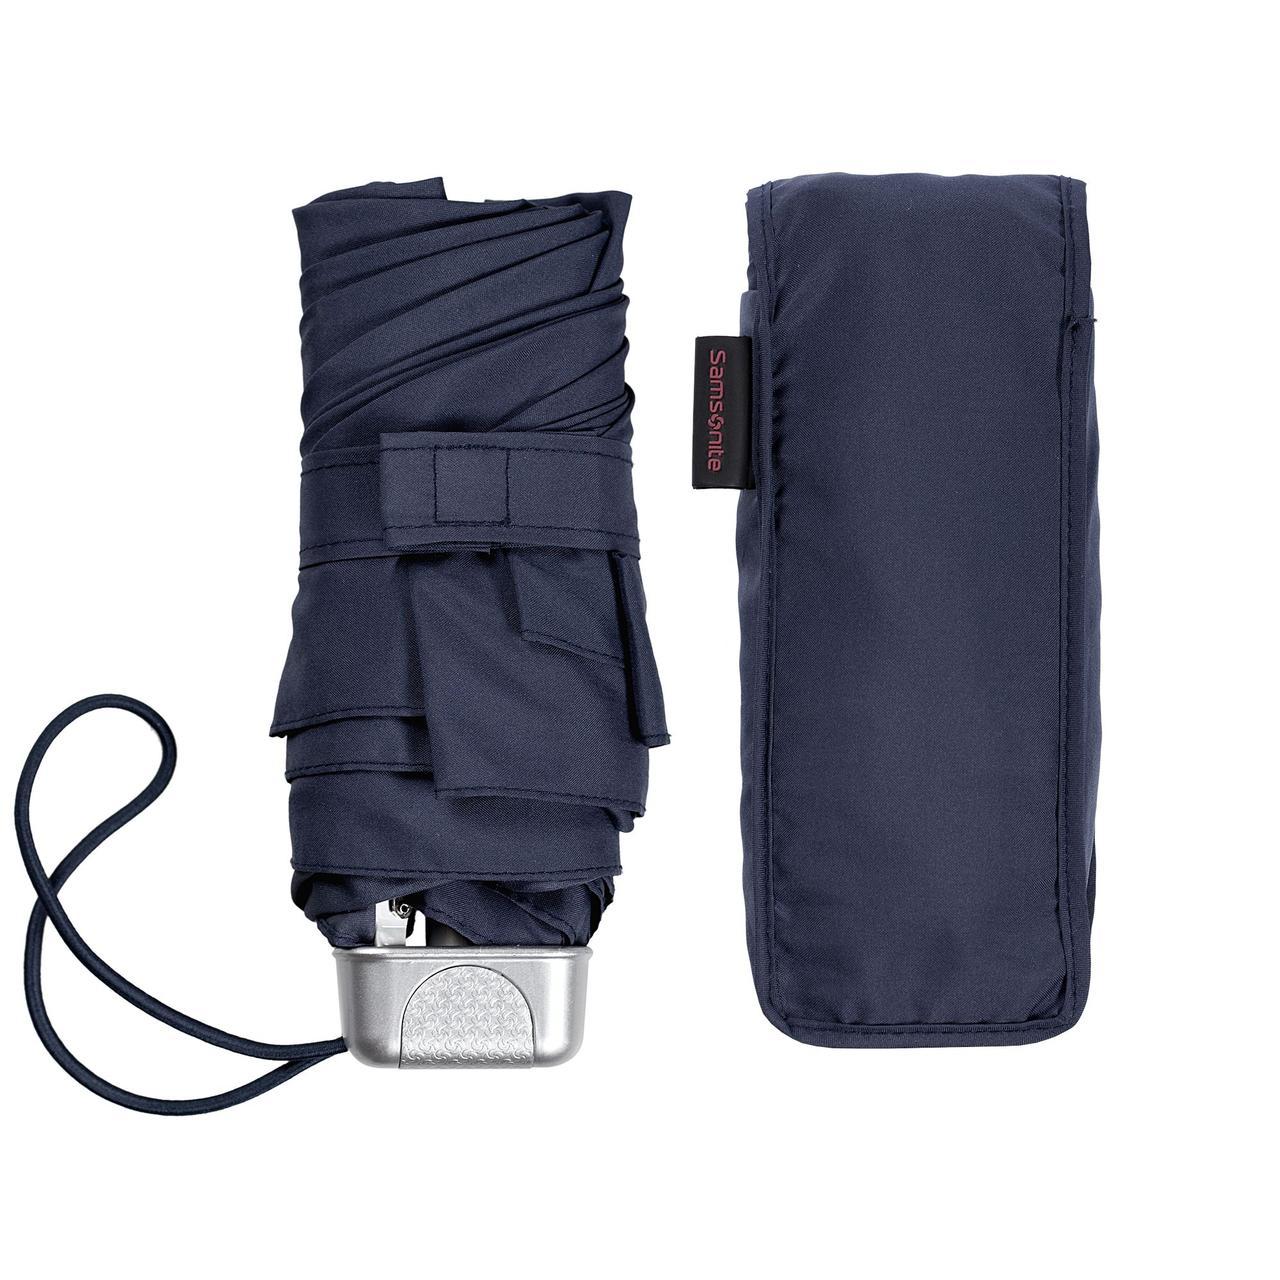 Складной зонт Alu Drop S, 5 сложений, механический, синий